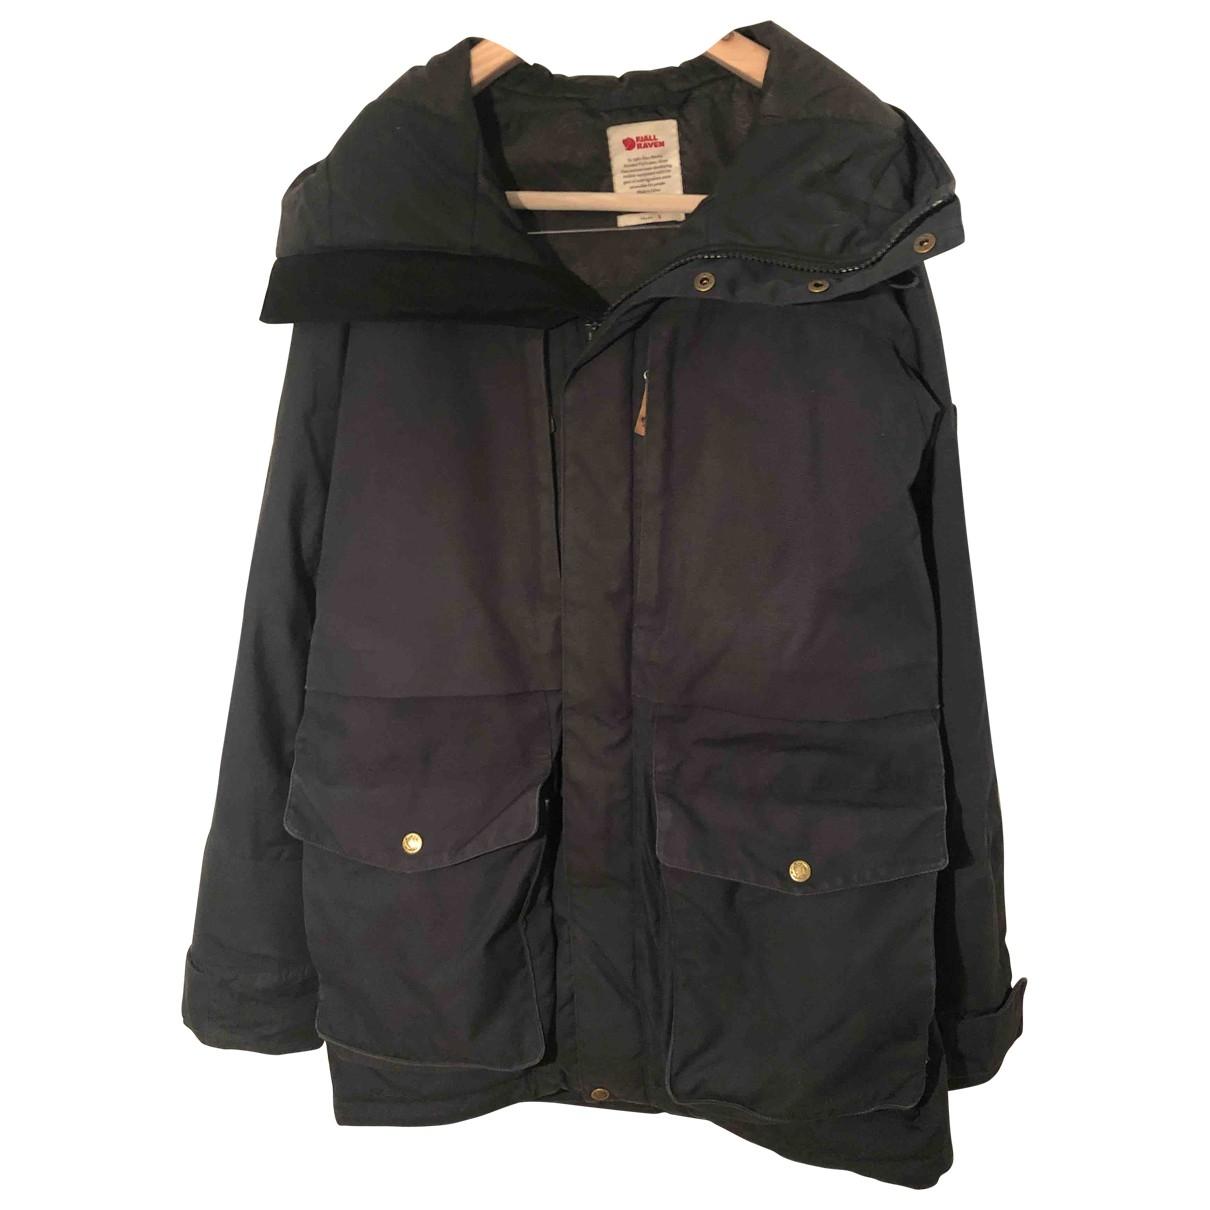 Fjallraeven - Manteau   pour homme - bleu